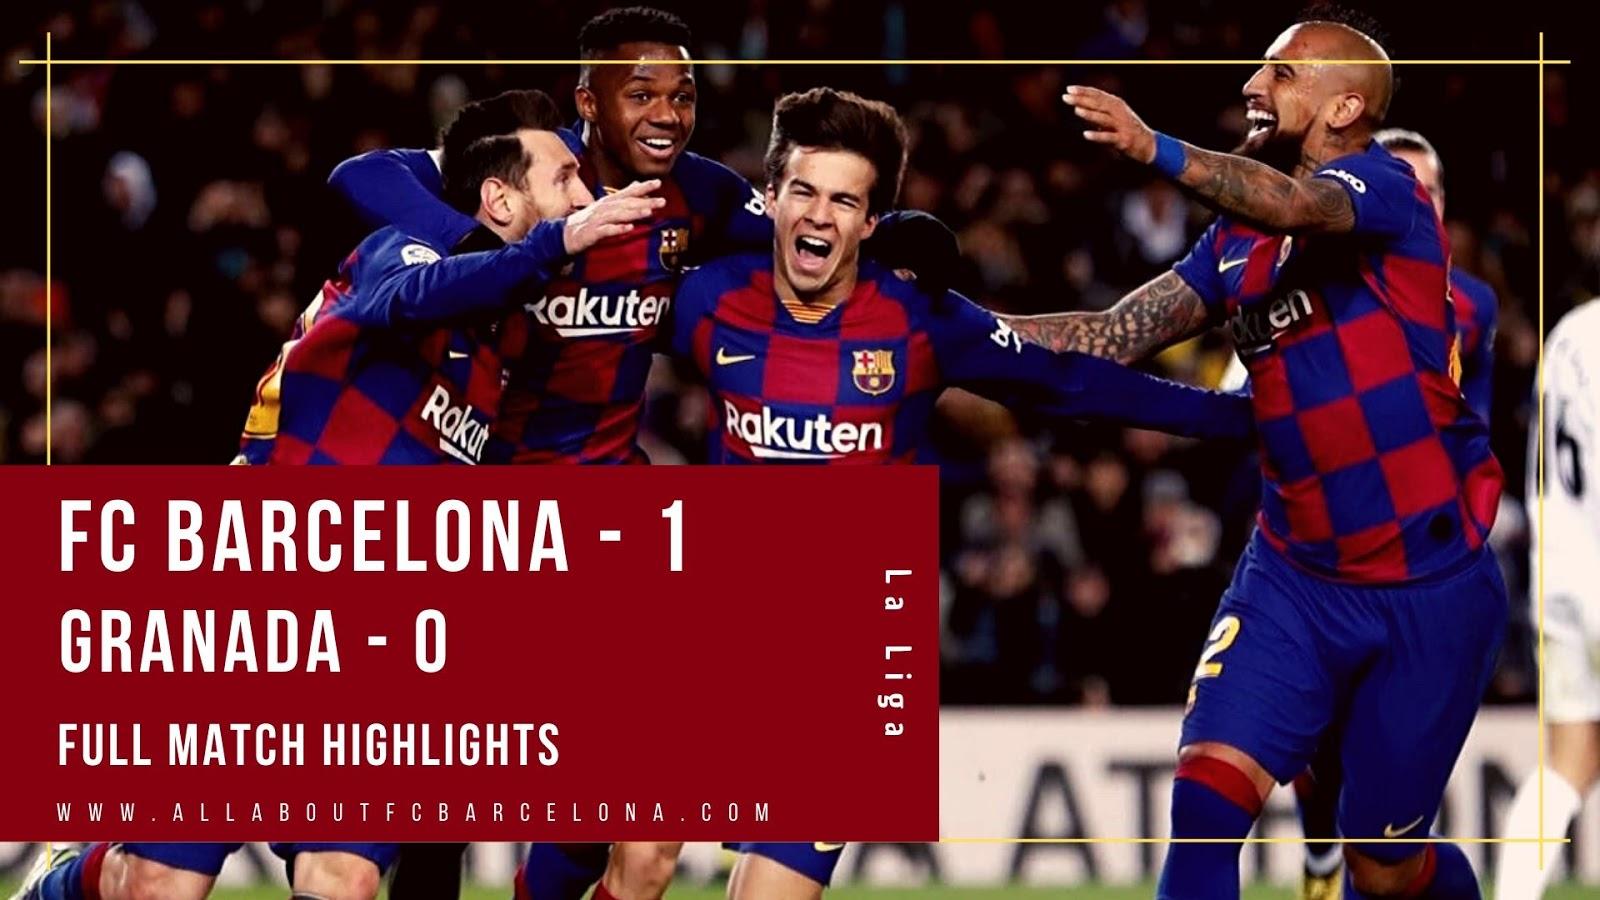 Fc Barcelona Vs Granada Highlights Video Fc Barcelona 1 Granada 0